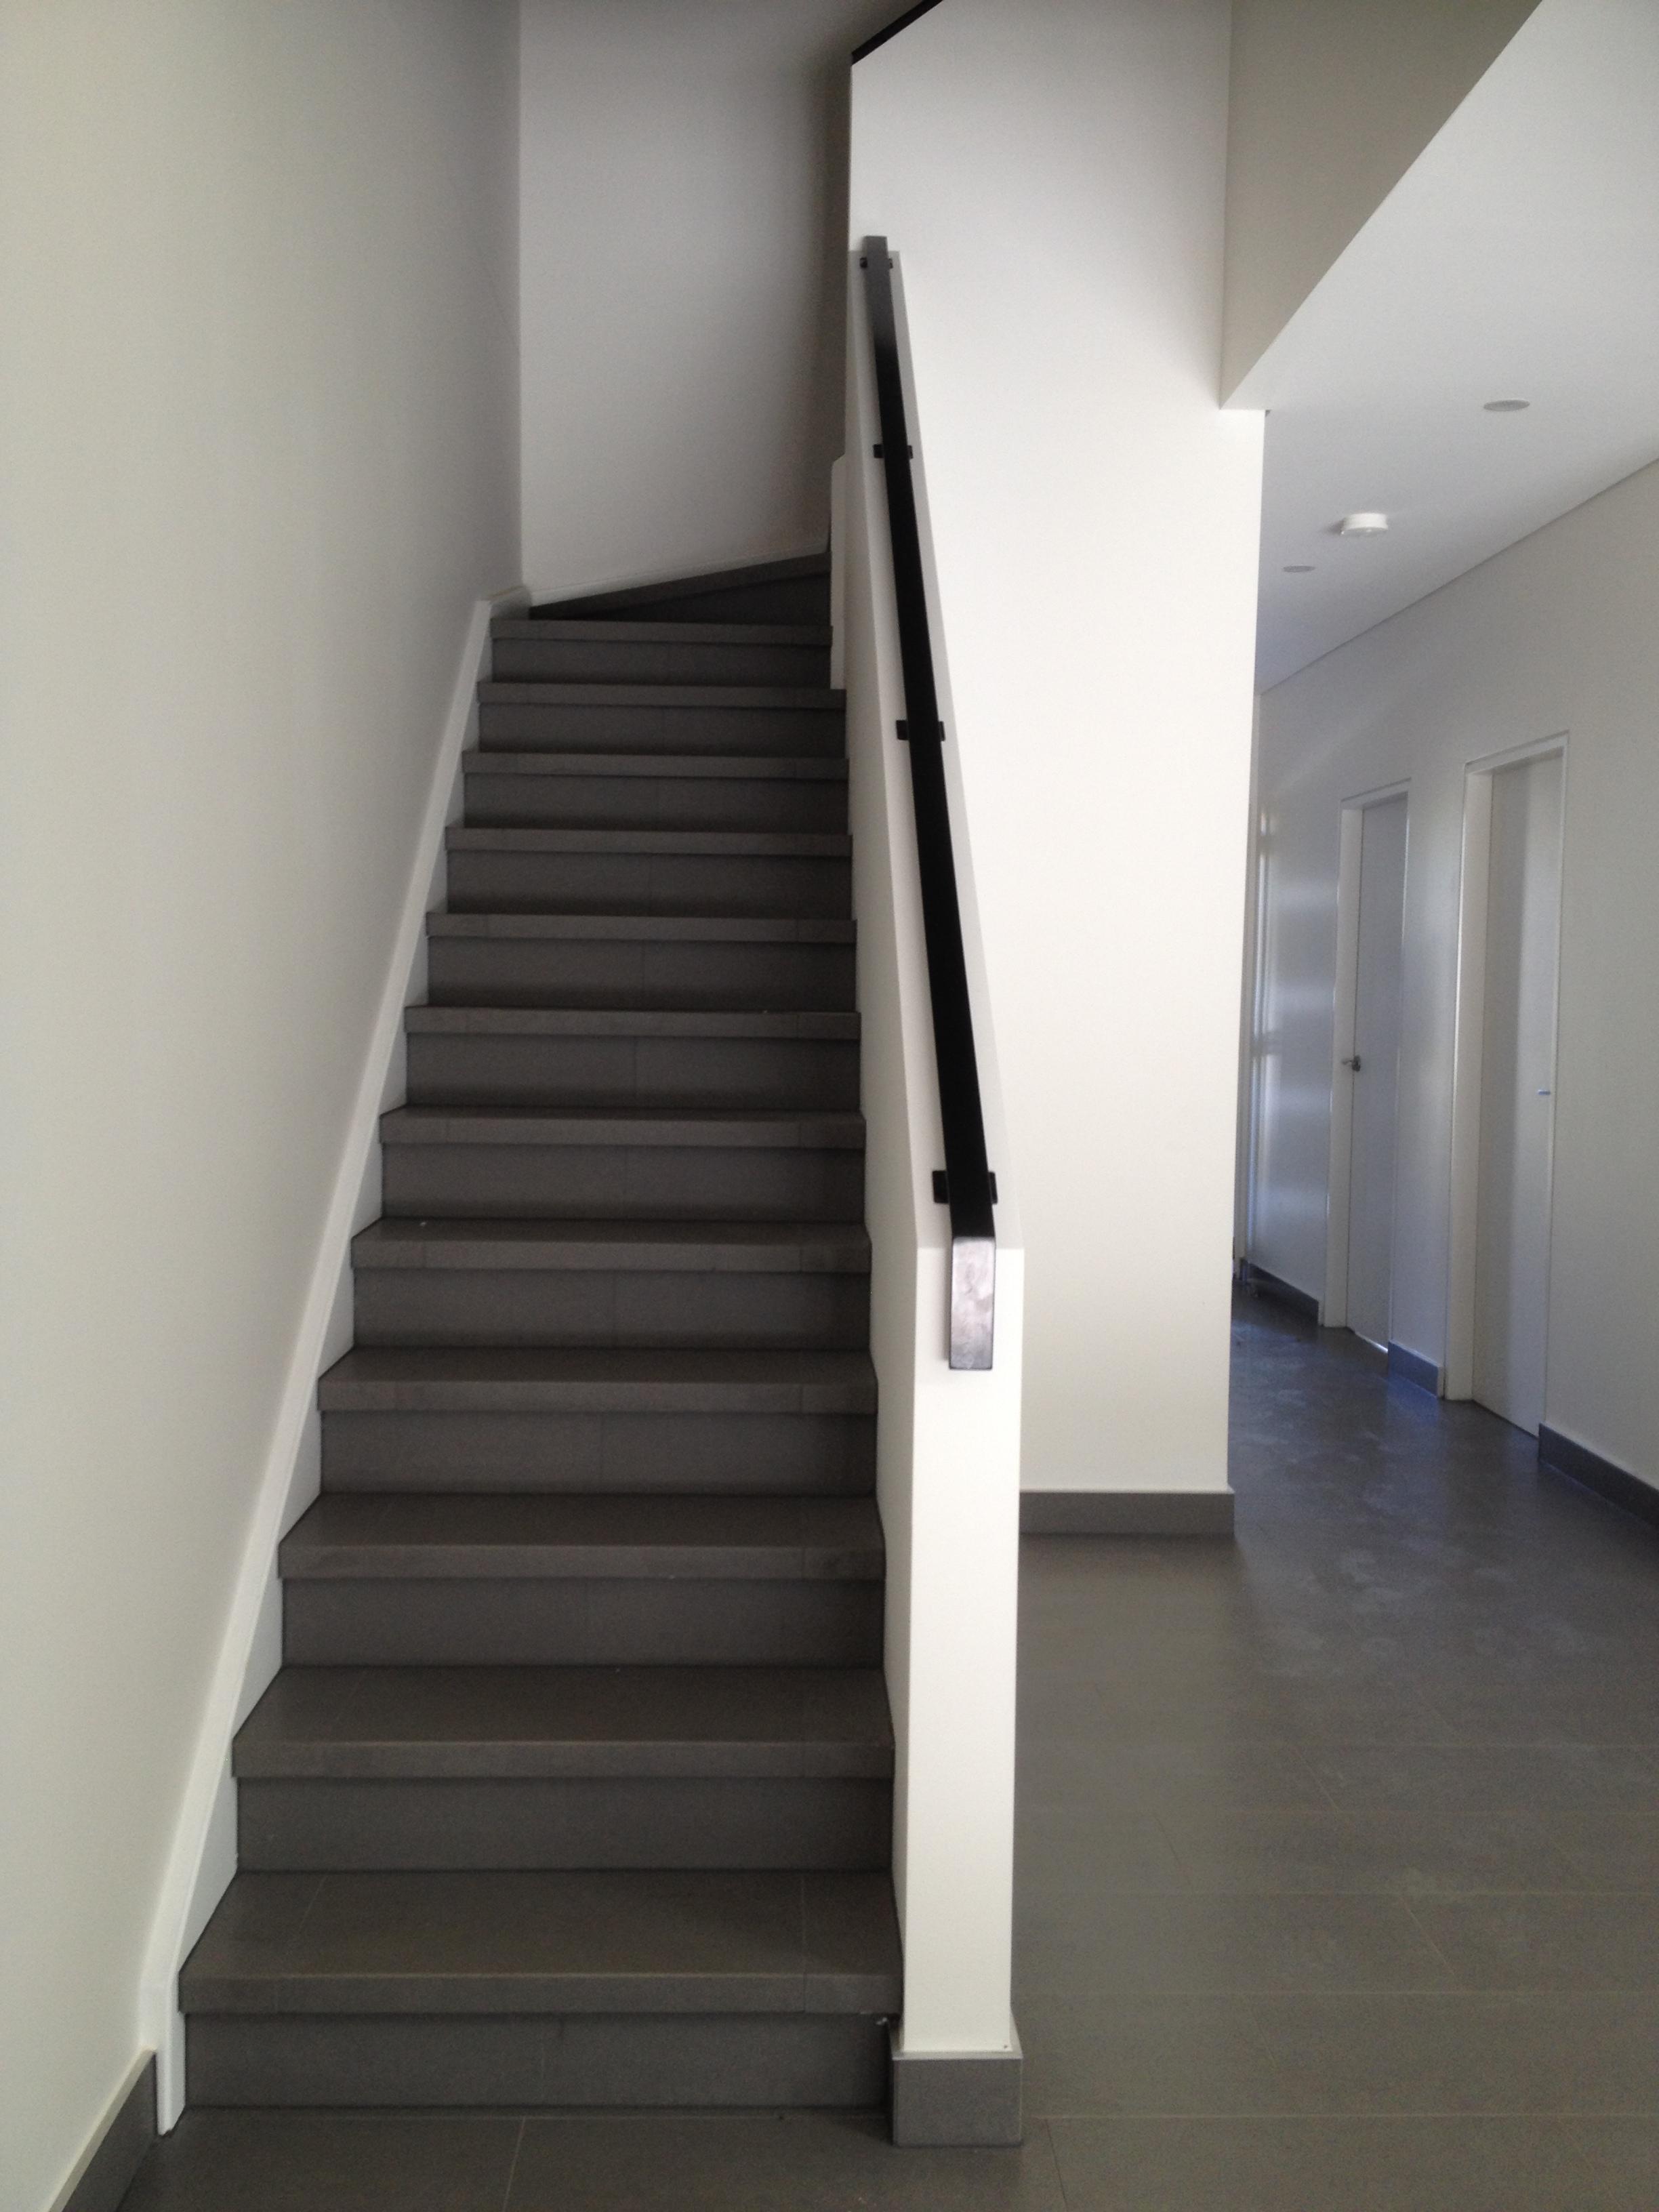 Adam stairs